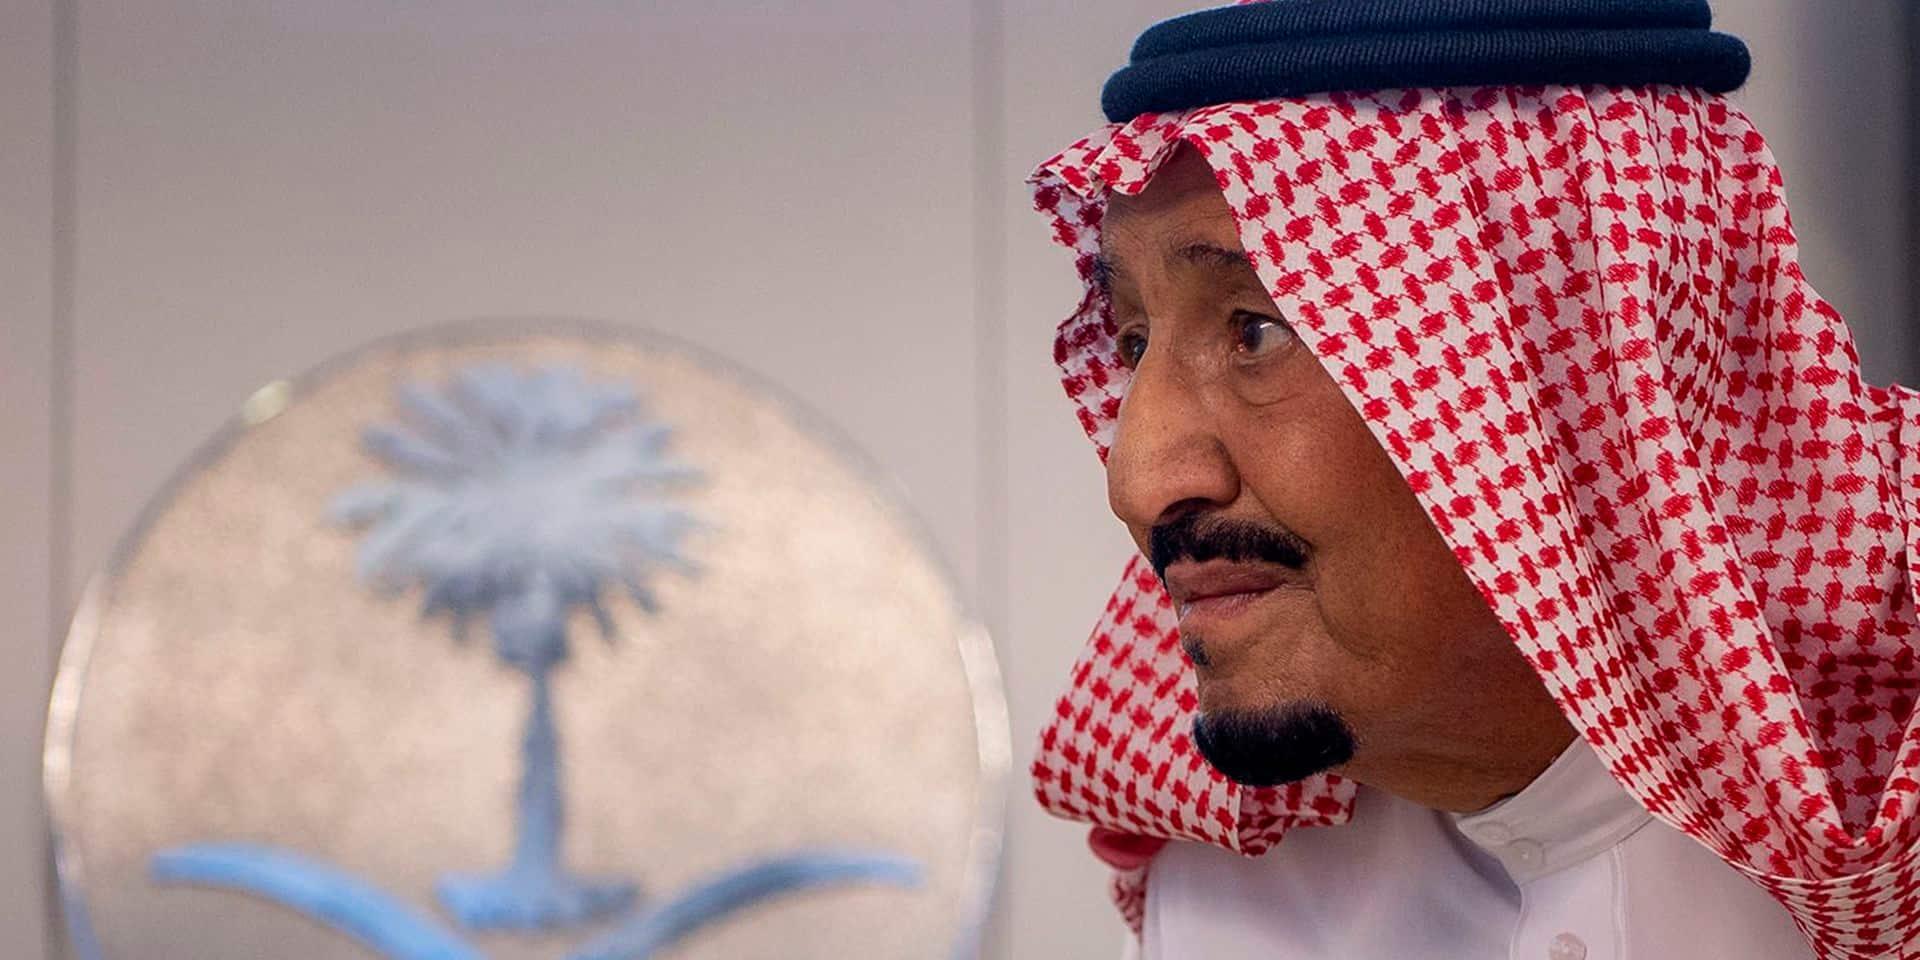 L'Arabie saoudite prend de nouvelles mesures pour attirer les touristes